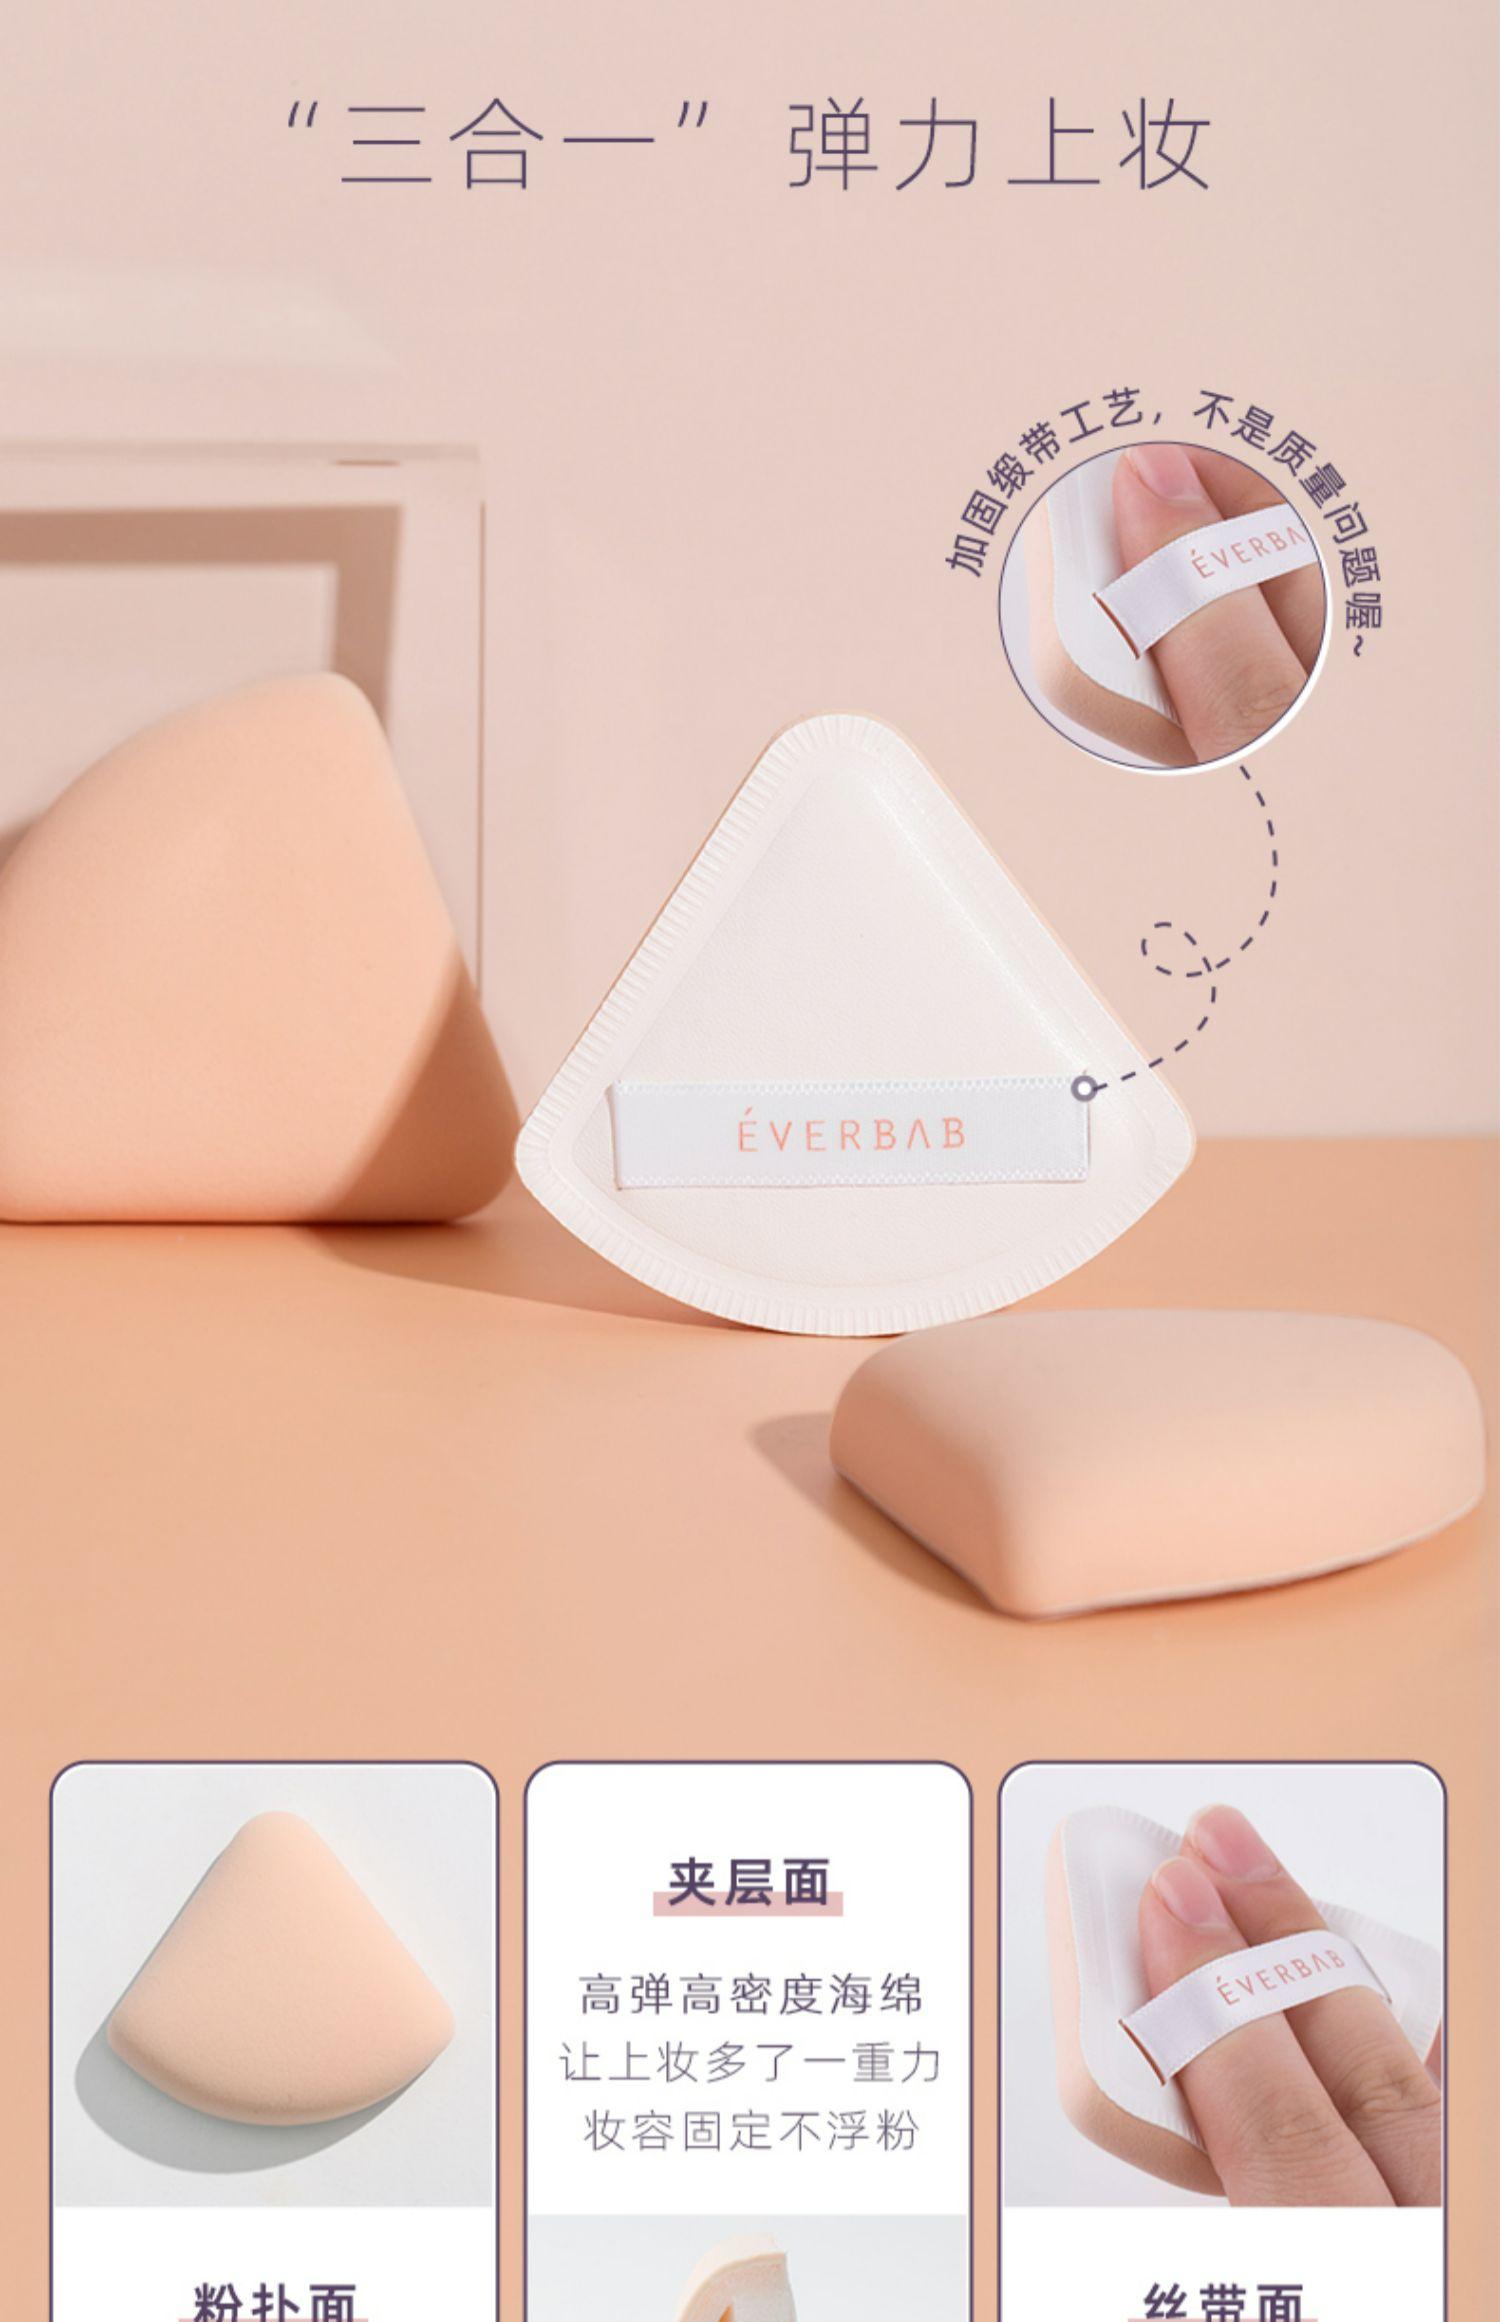 棉花糖三角饭团气垫粉扑粉饼2只5